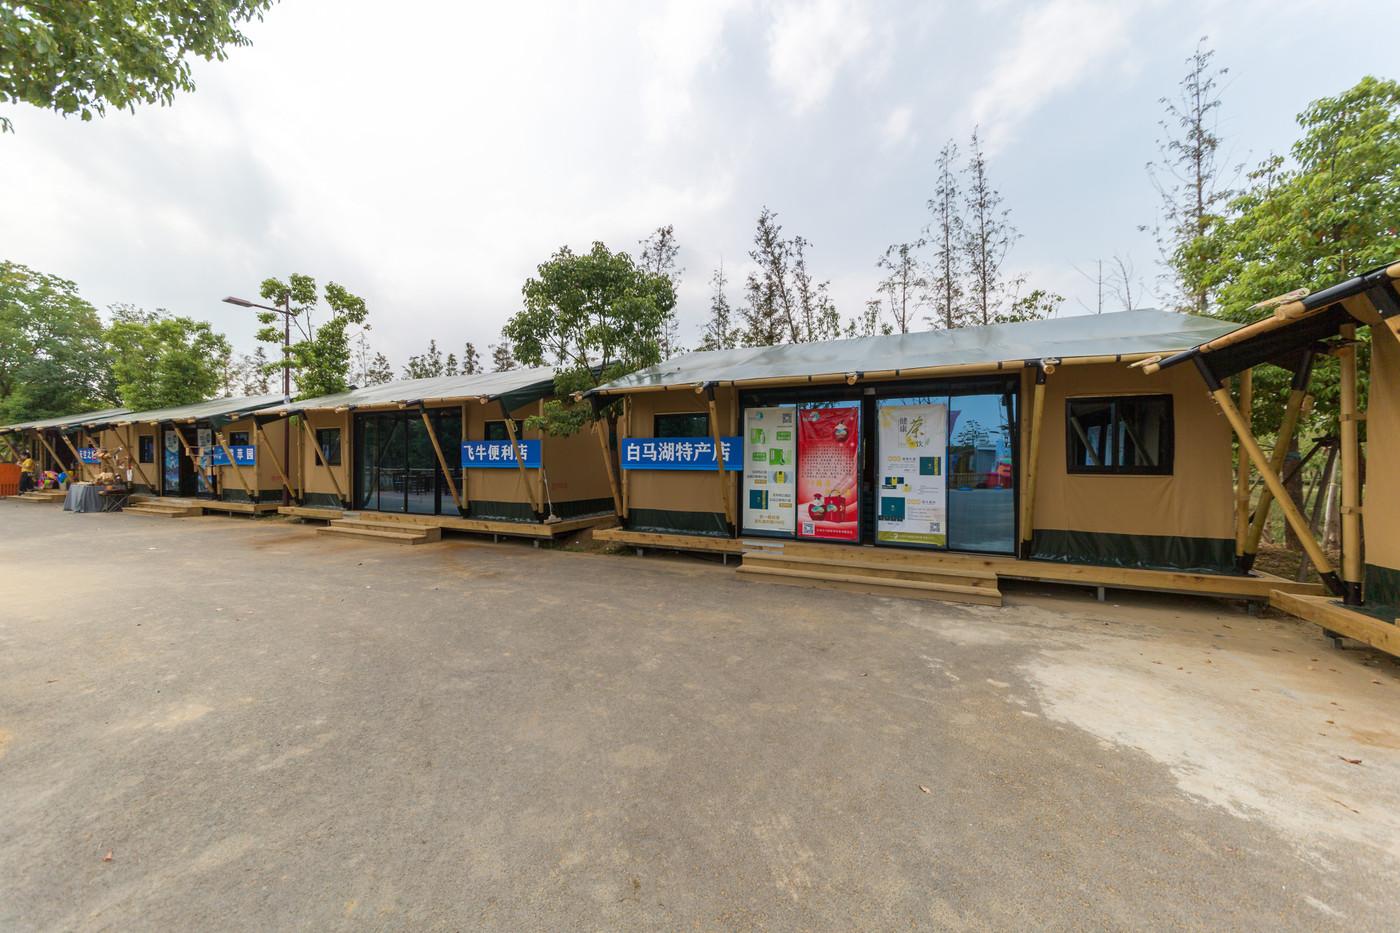 餐厅、办公室、商铺帐篷酒店8